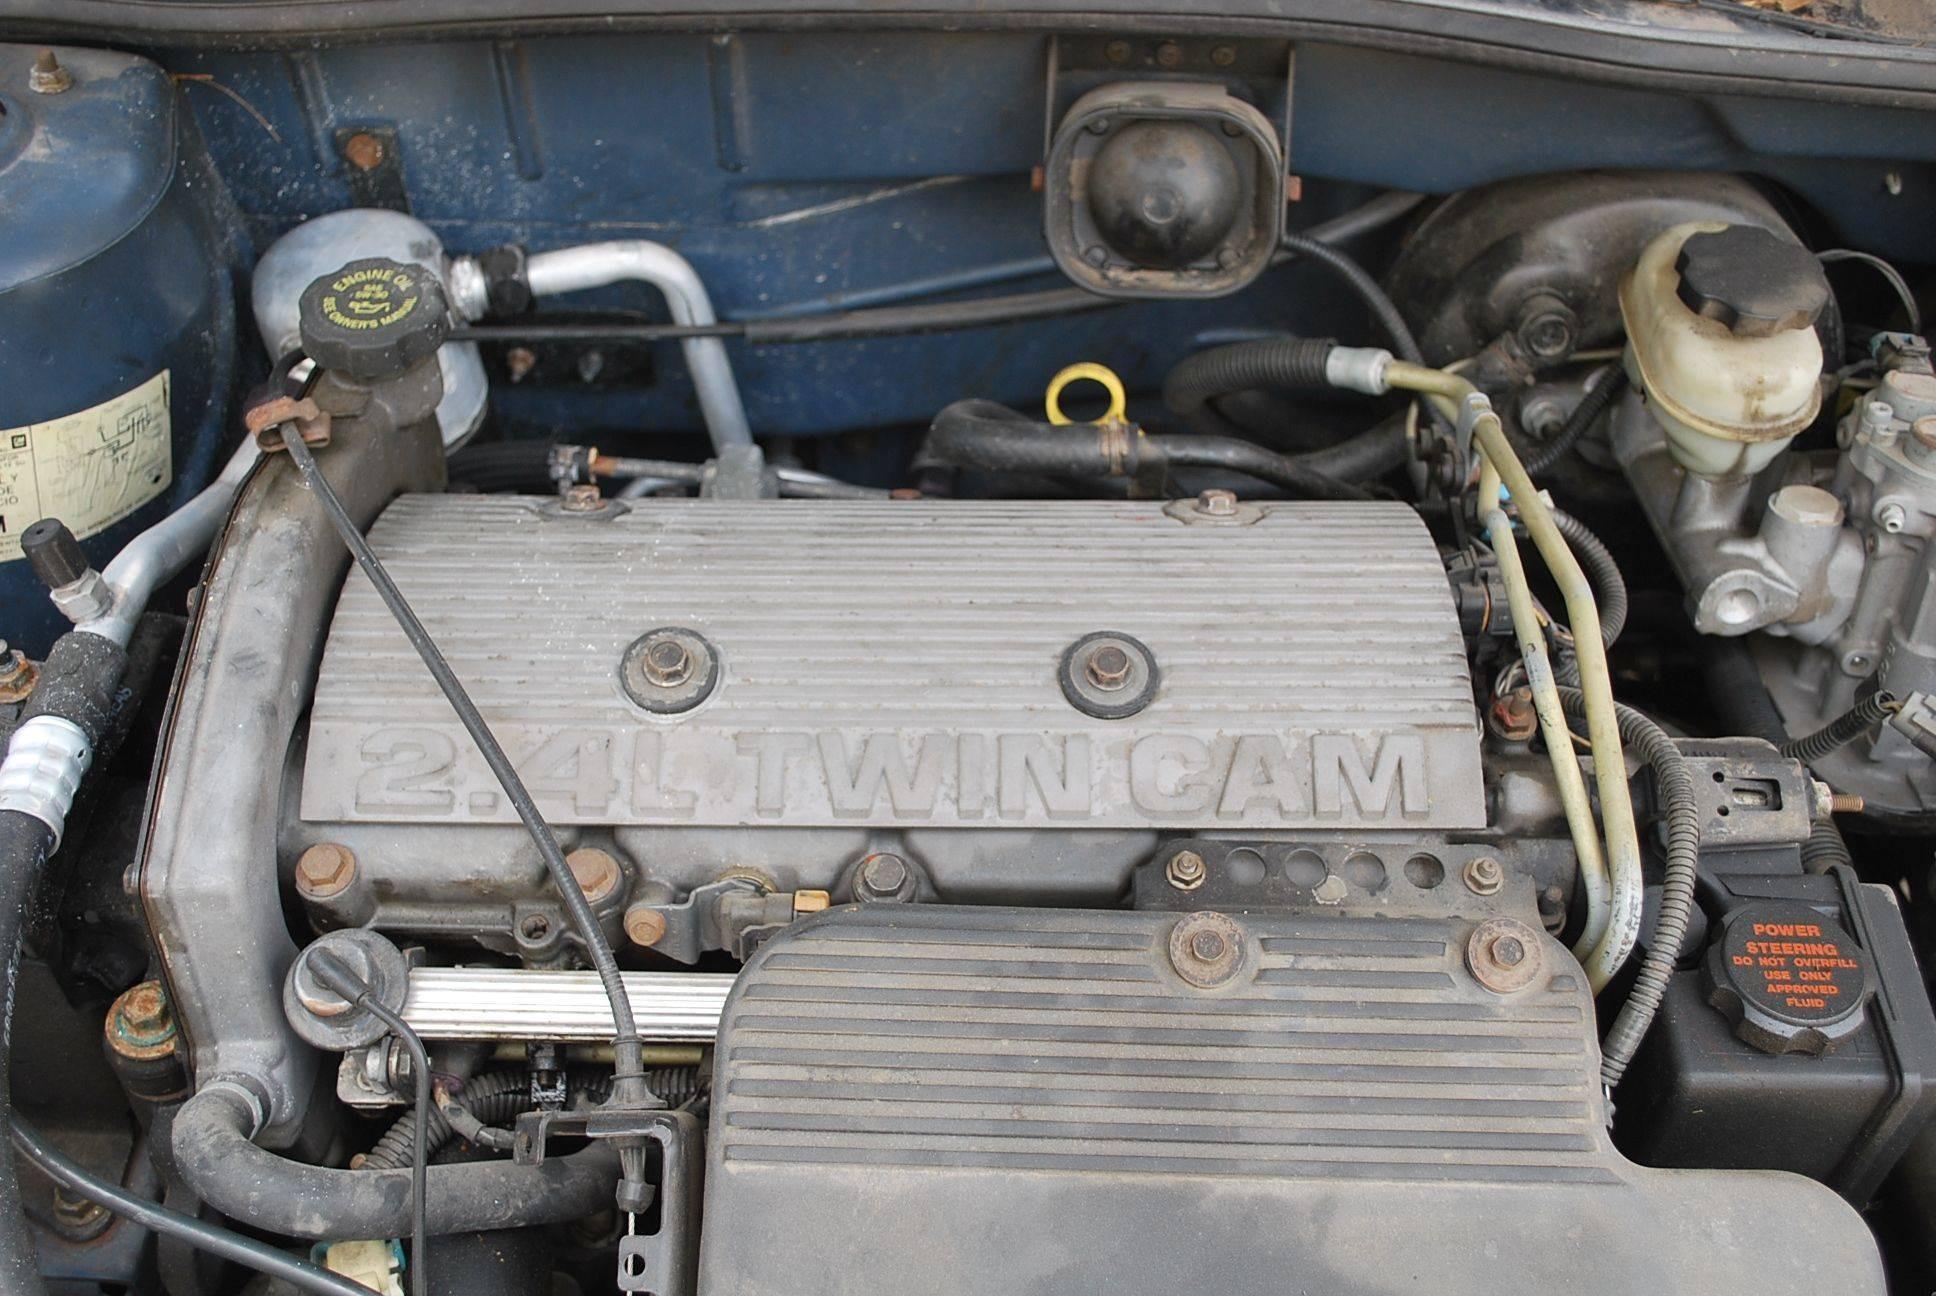 Pontiac Grand Am Engine Diagram 1997 Pontiac Sunfire Gt Coupe 2 4l Manual Of Pontiac Grand Am Engine Diagram